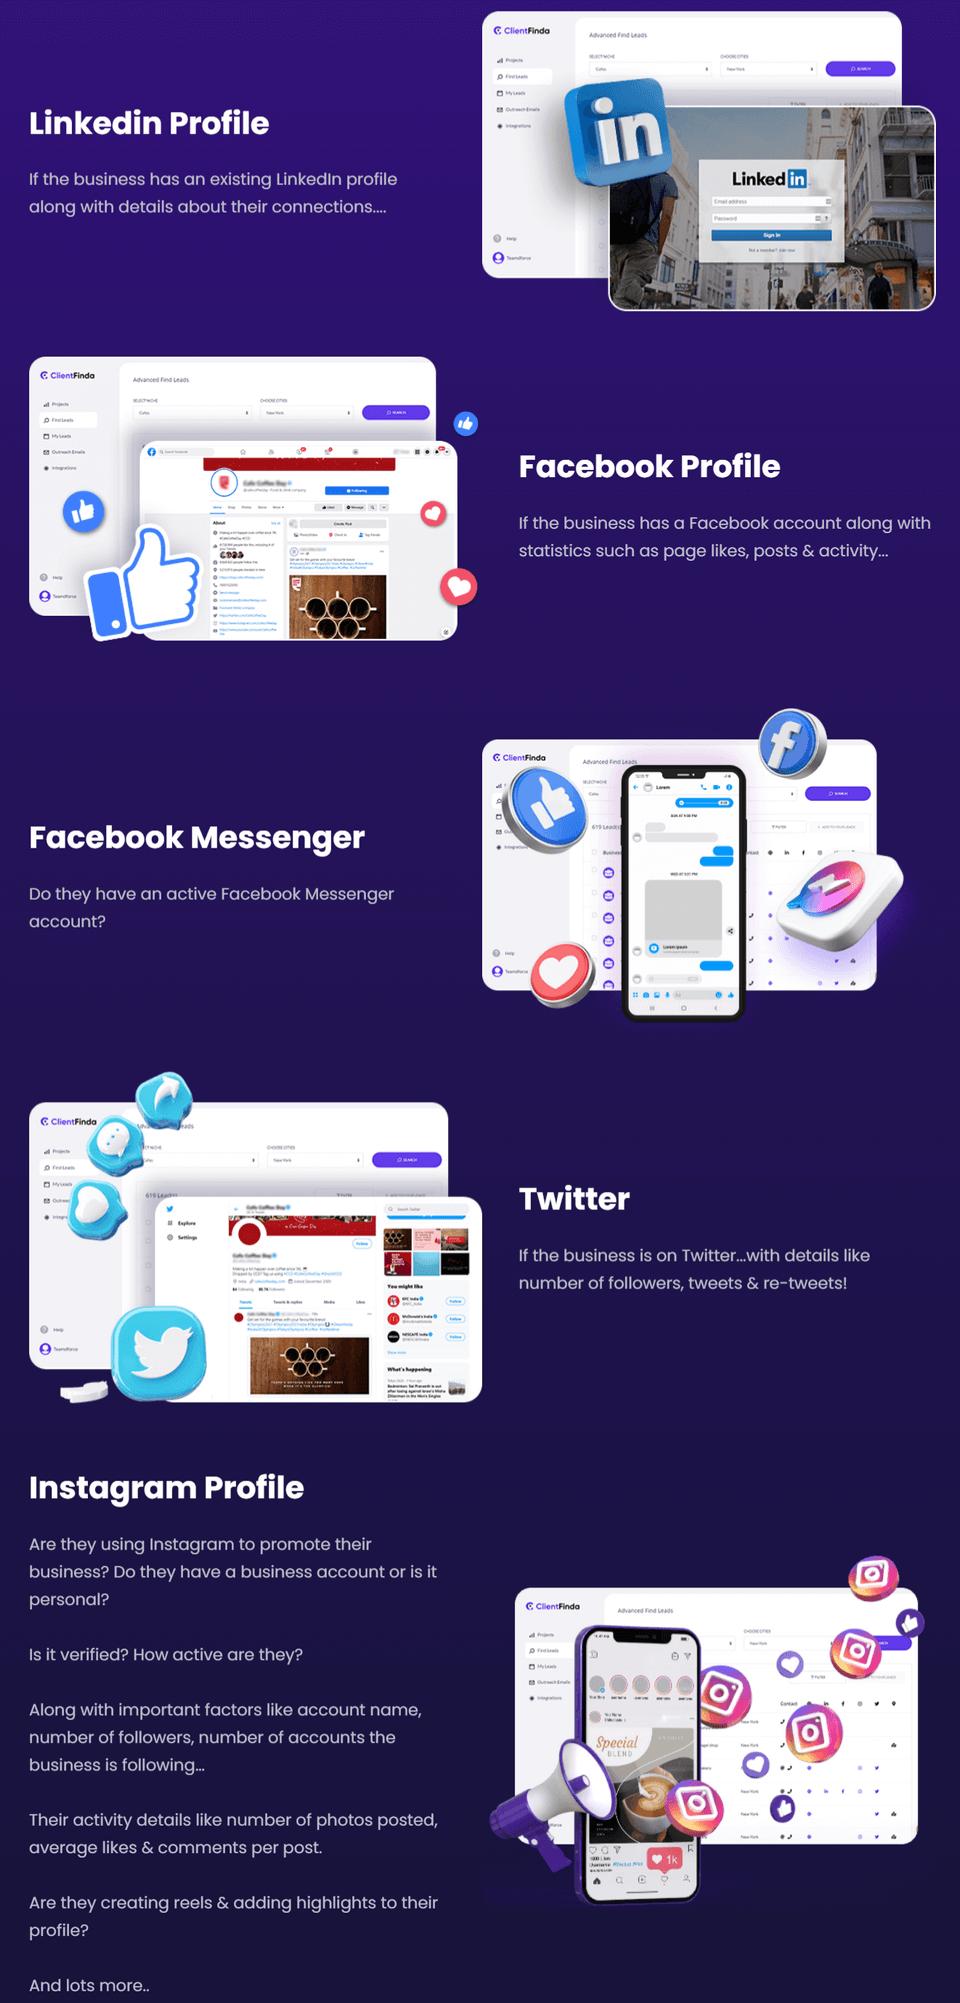 2-Social-Media-Footprint